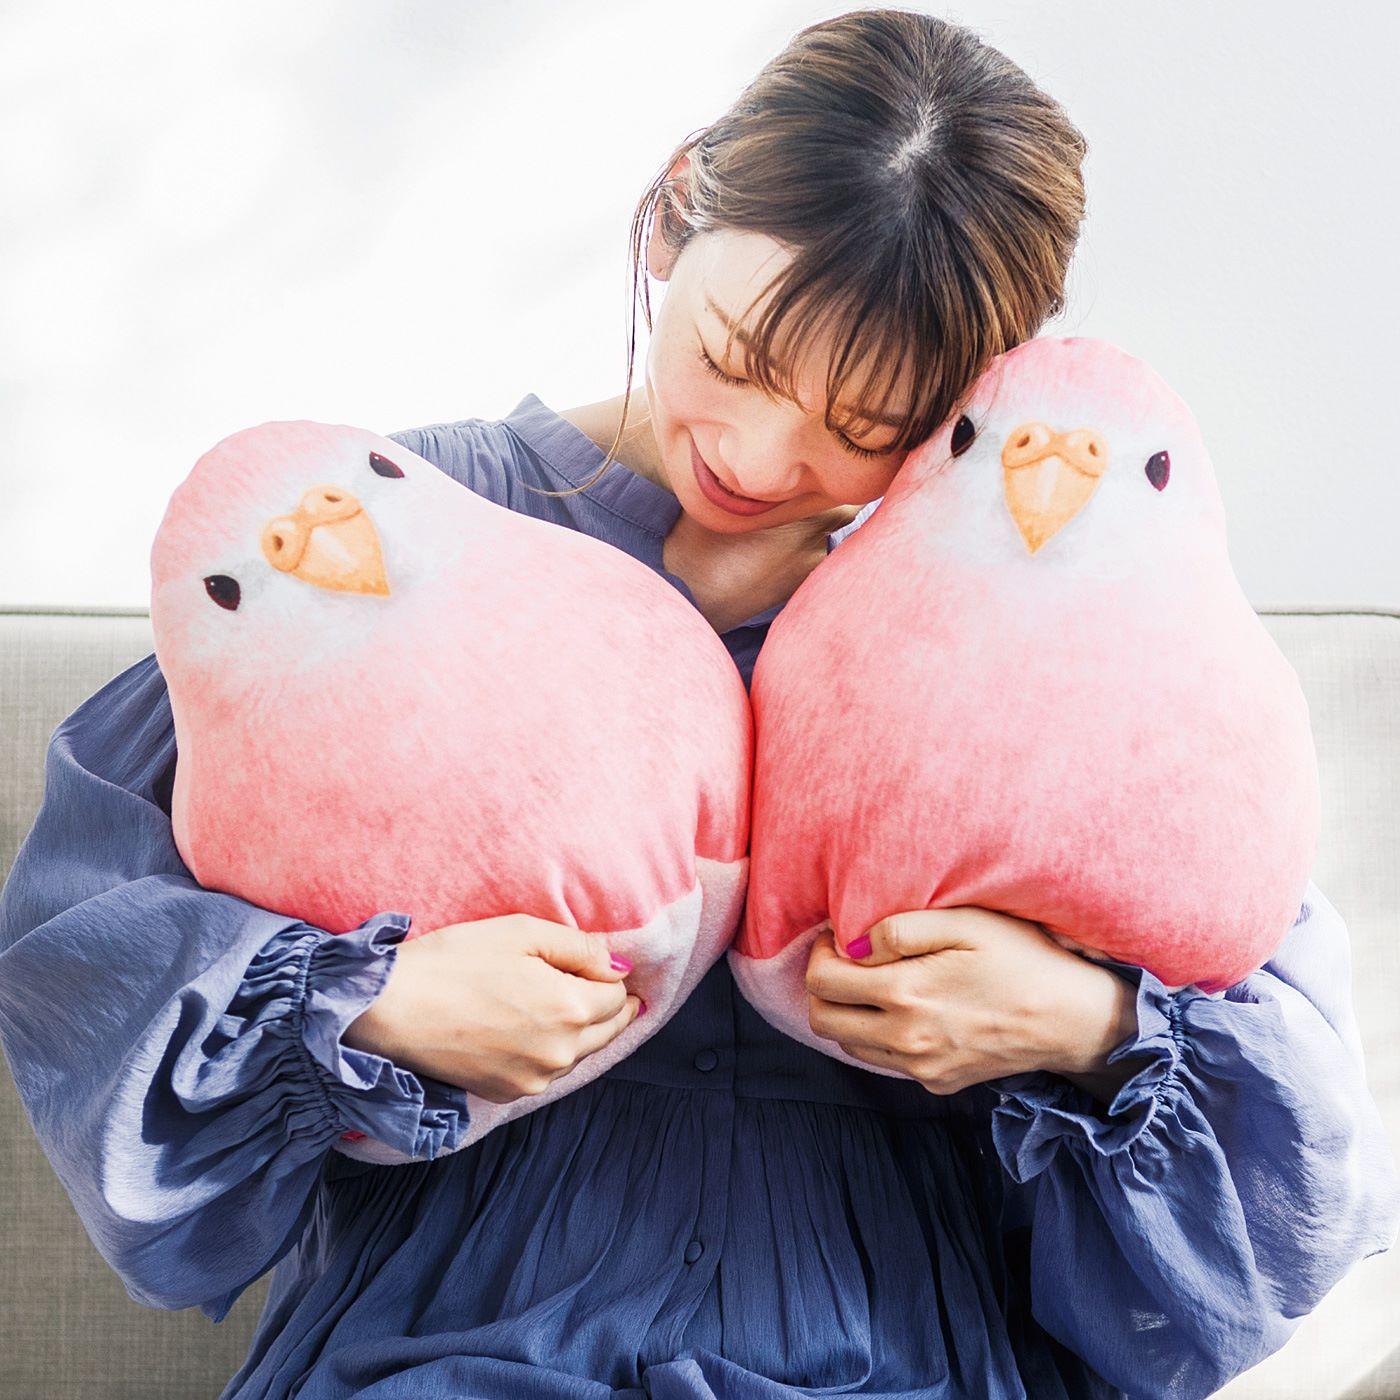 【もっちり愛らしいアキクサインコクッション】フェリシモの大人気小鳥ビーズクッションに新作登場